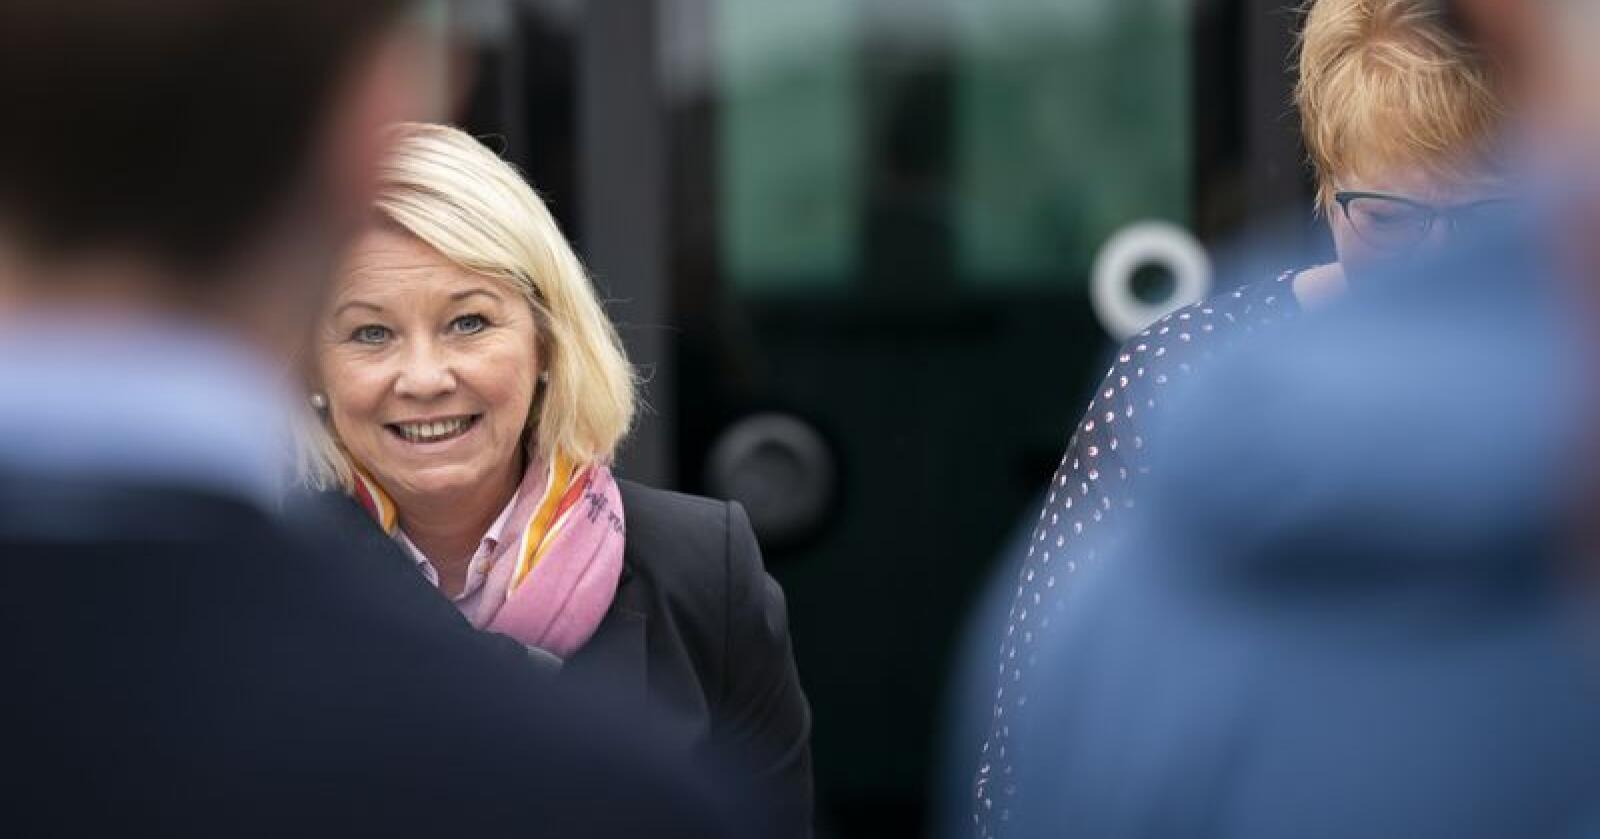 Kommunal- og moderniseringsminister Monica Mæland (H) er nøgd med at mange førehandsstemmer. Foto: Ole Martin Wold / NTB scanpix / NPK